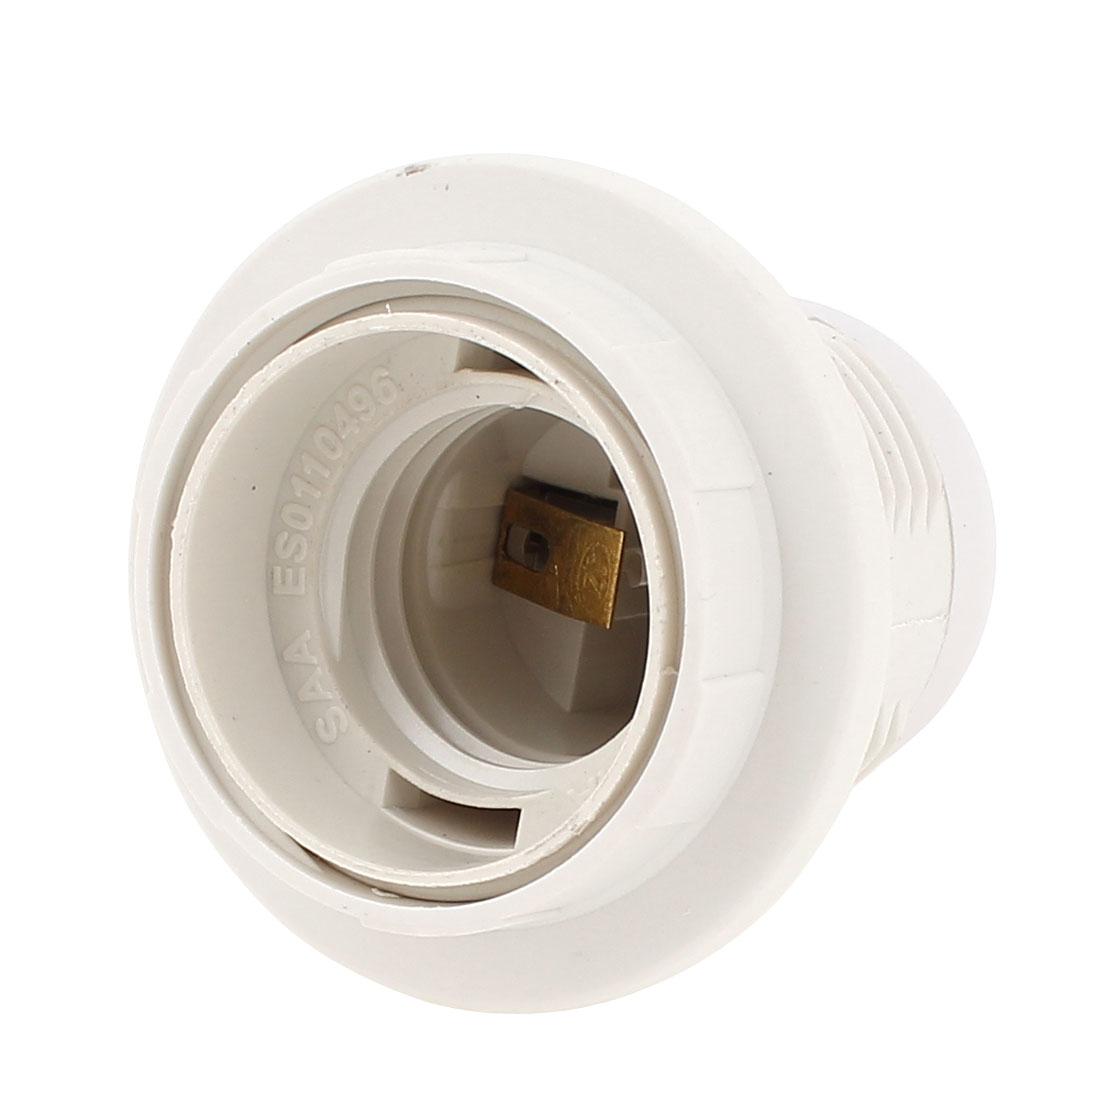 Plastic E27 Bulb Light Base Screw Lamp Holder Socket Adapter